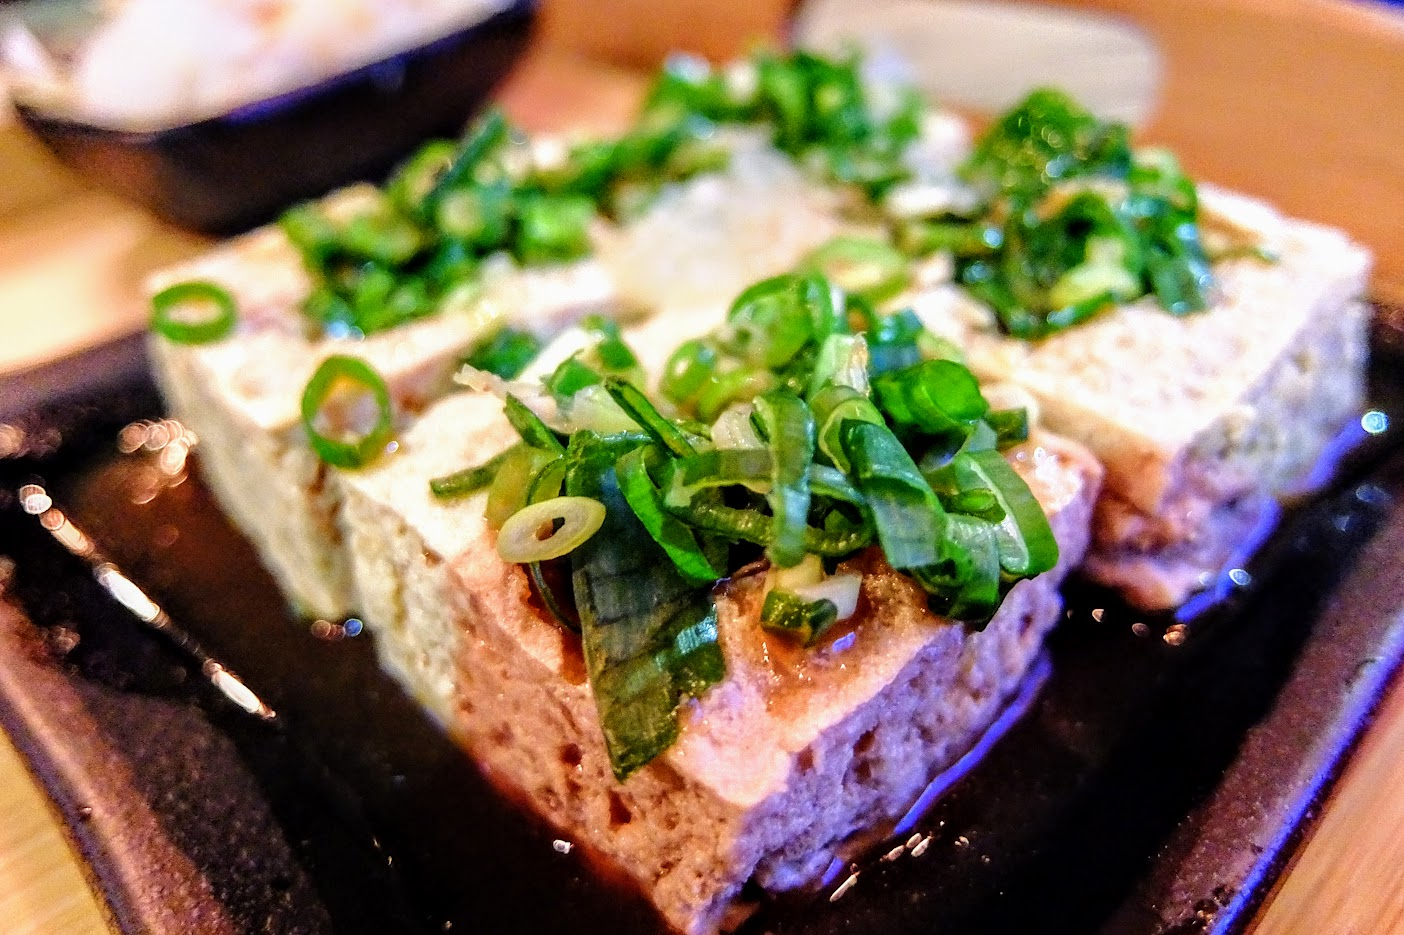 臭豆腐一份四塊,每一塊中間戳洞放入蔥花和蒜泥,底下則是醬油湯汁